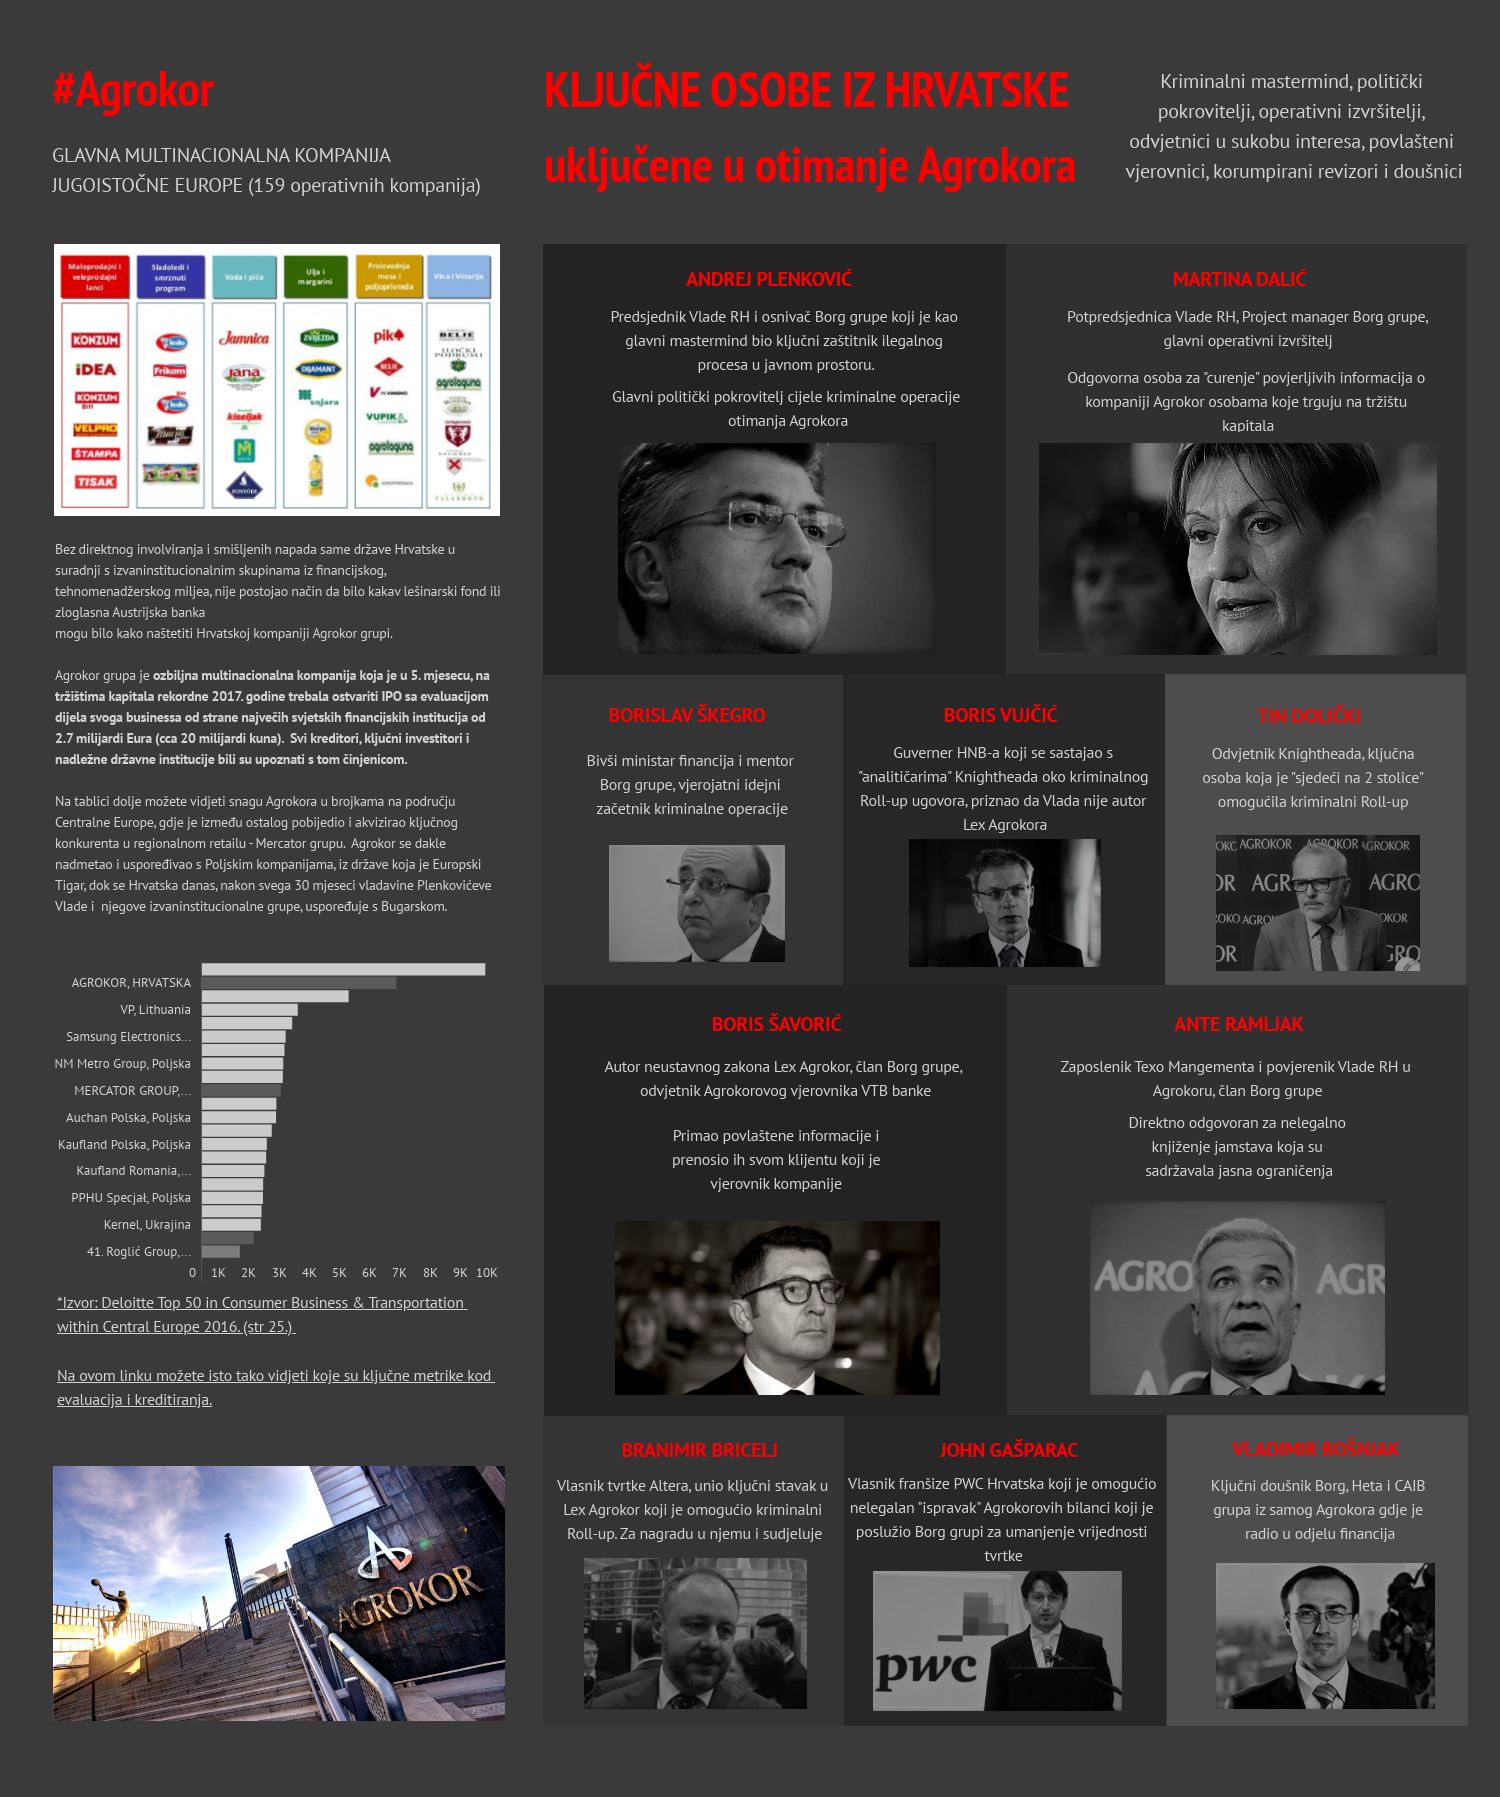 stranica za upoznavanje mail.ru upoznavanje s kolegama u maloprodaji